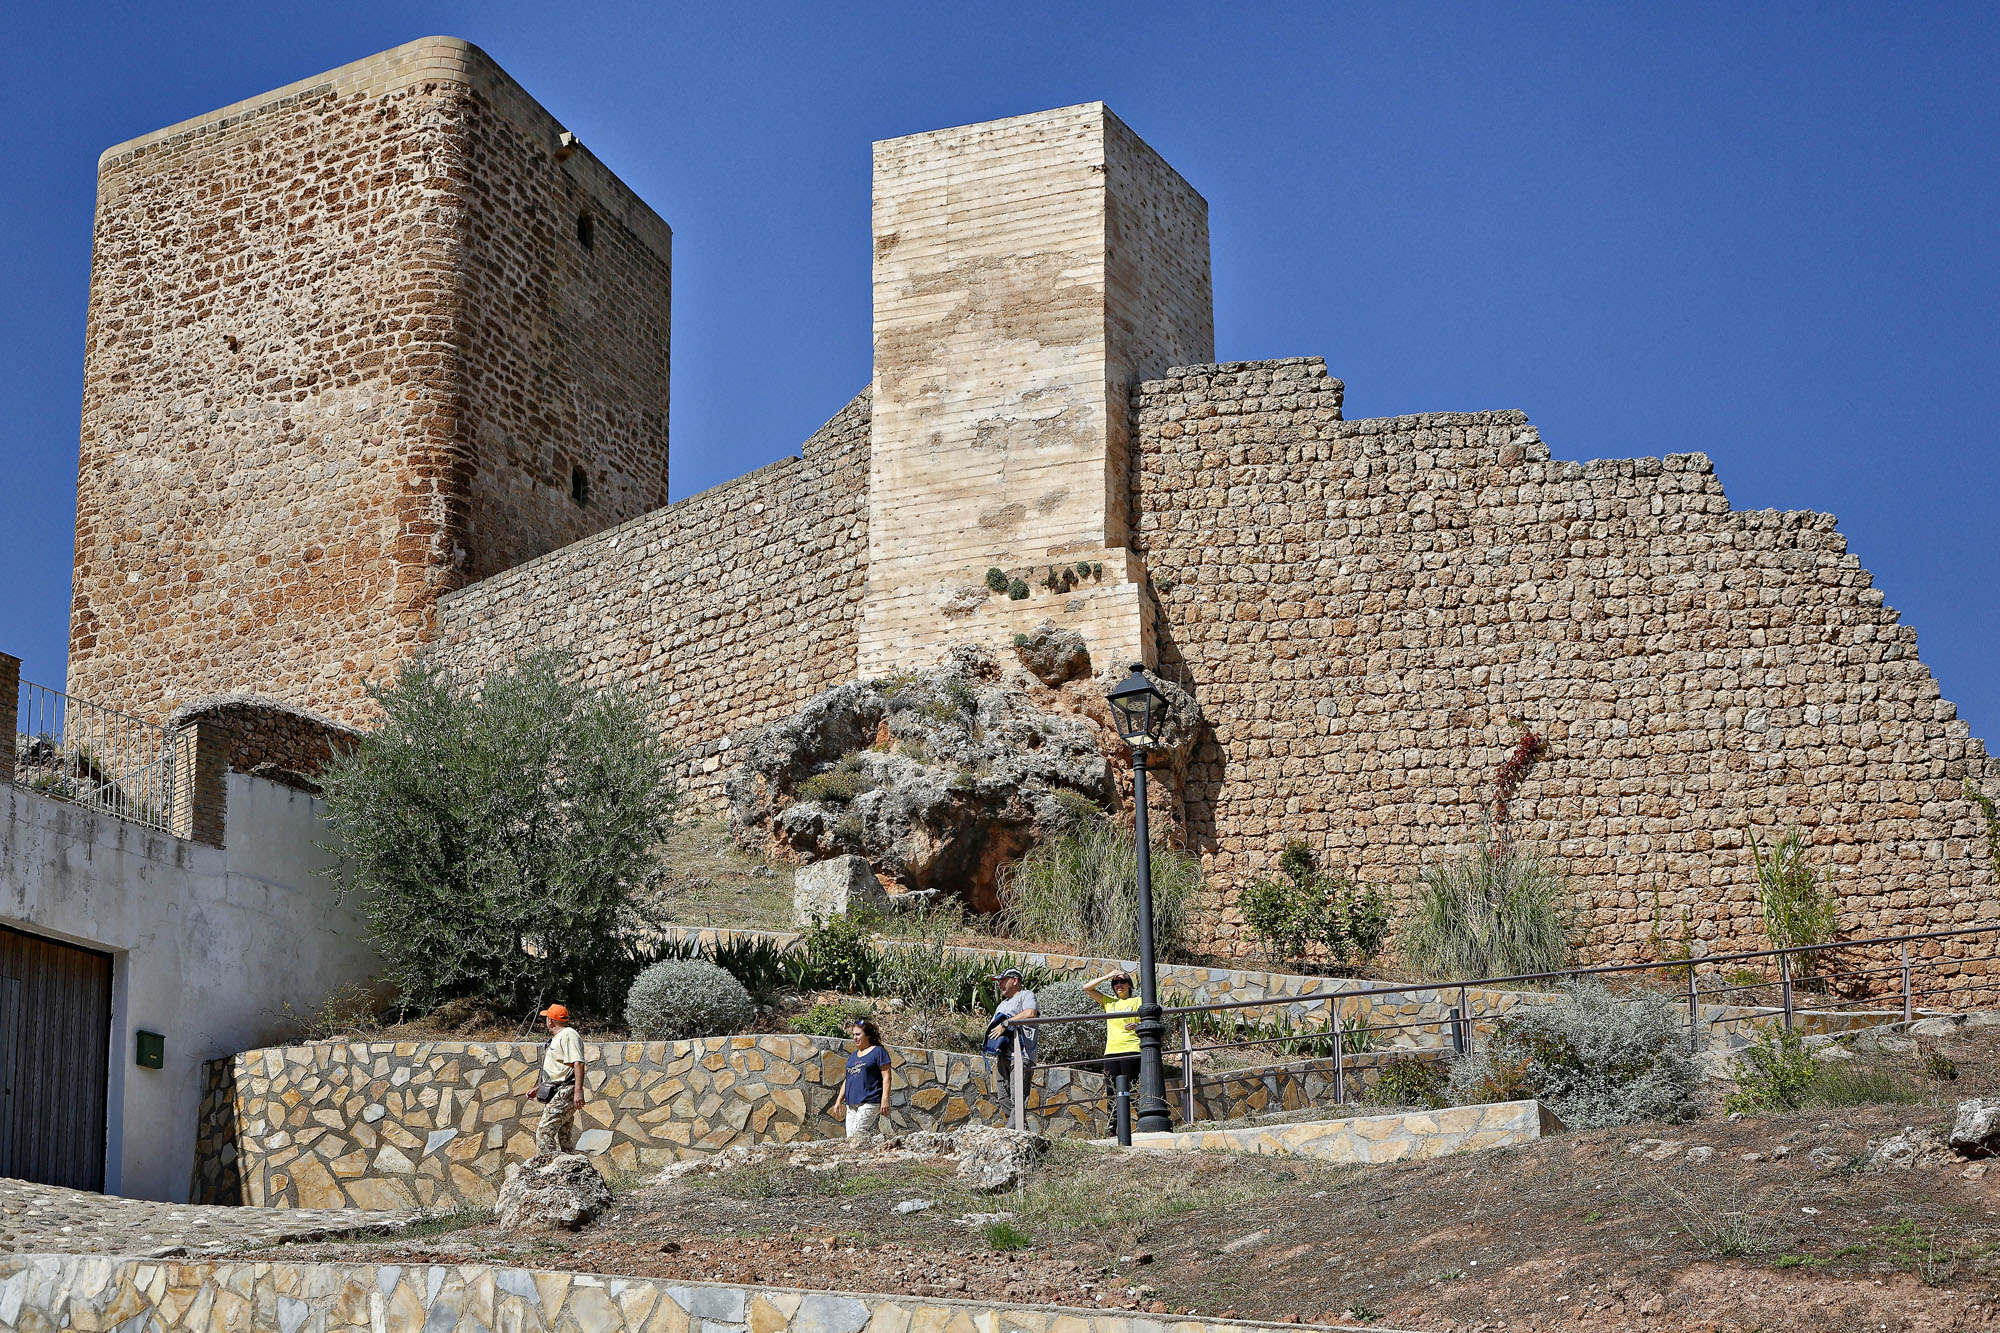 El castillo se encuentra en la entrada del pueblo de Hornos, difícil no toparse con él.